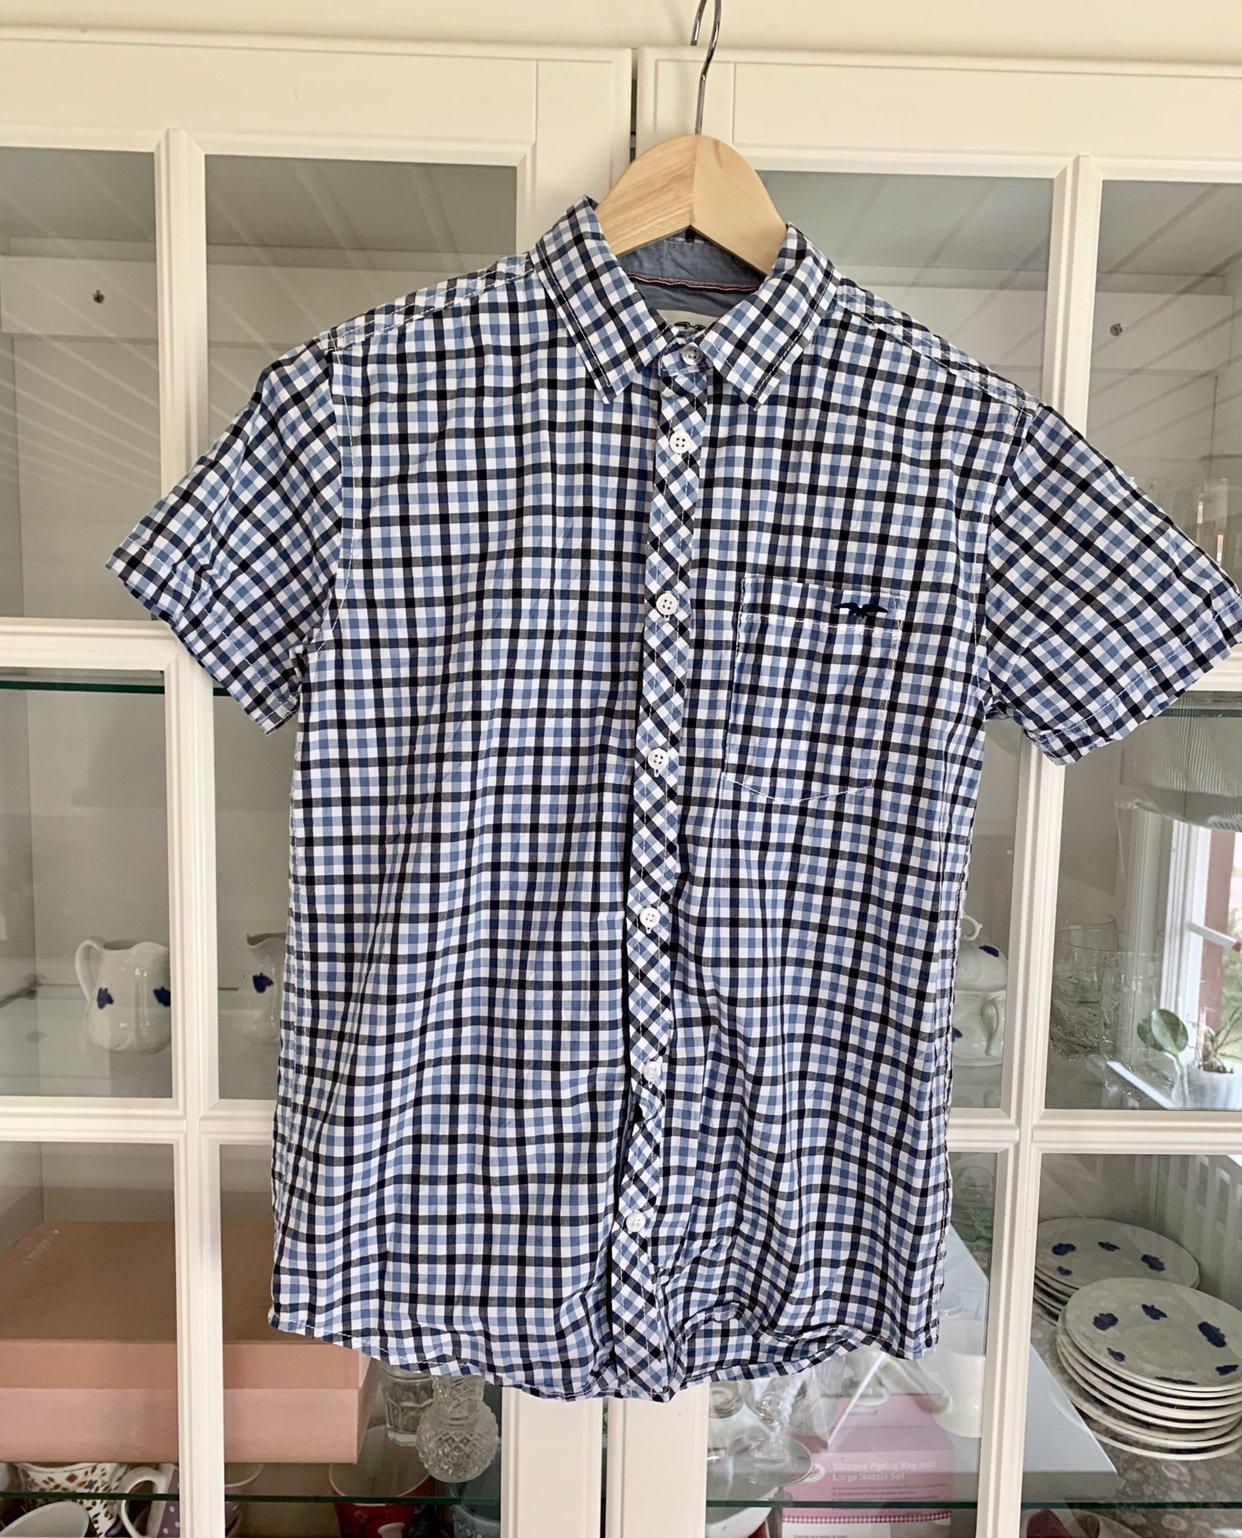 eedd4ce68033 Säljer Hampton kortärmad rutig skjorta skolavsl.. (350949430) ᐈ Köp på  Tradera